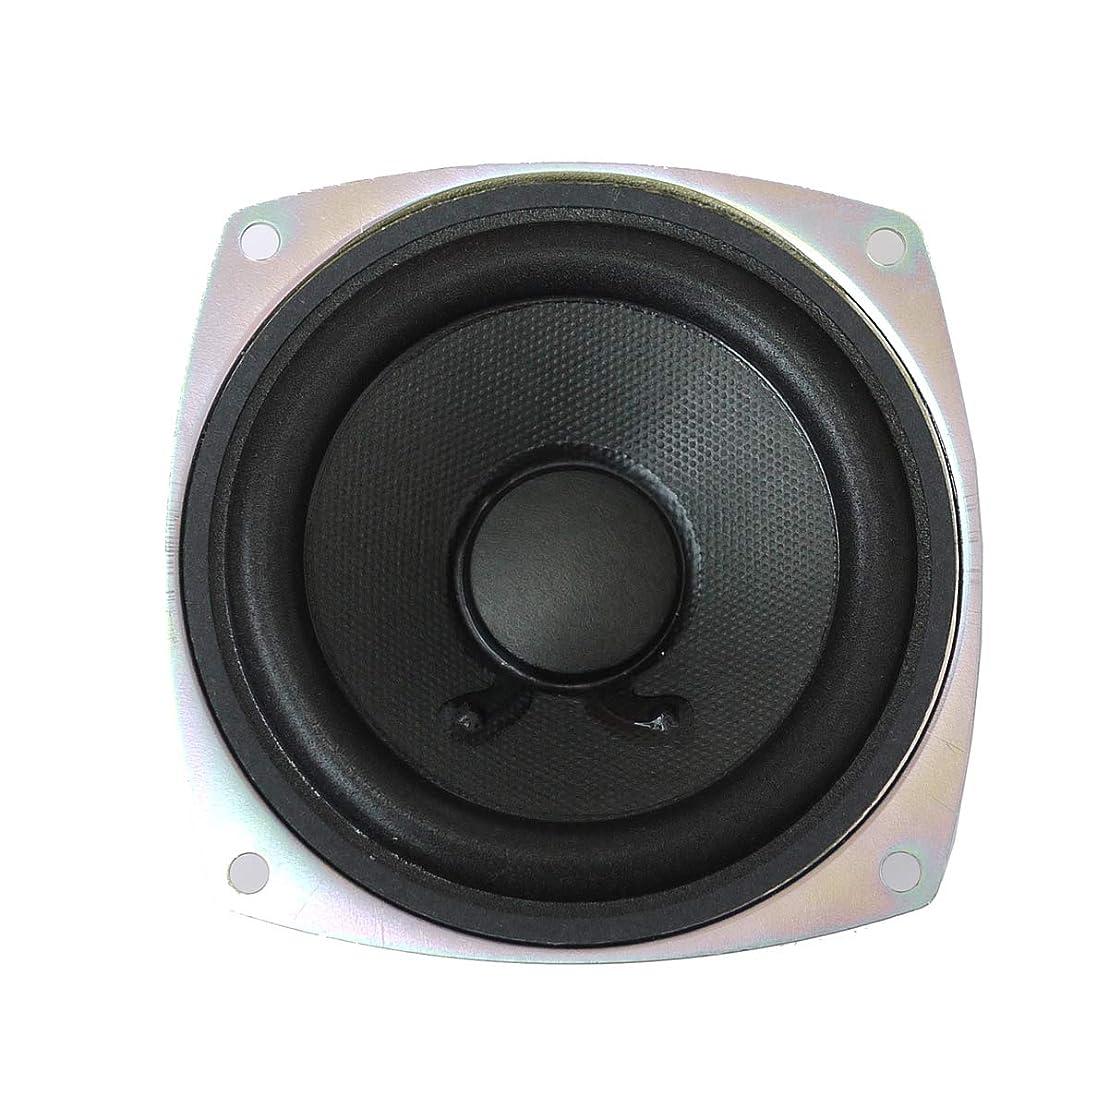 楽観りんご一緒Claret Audio F-LINE U42-100 8Ω 10cmフルレンジスピーカー / 10センチ 小型 スピーカー ユニット (1個)